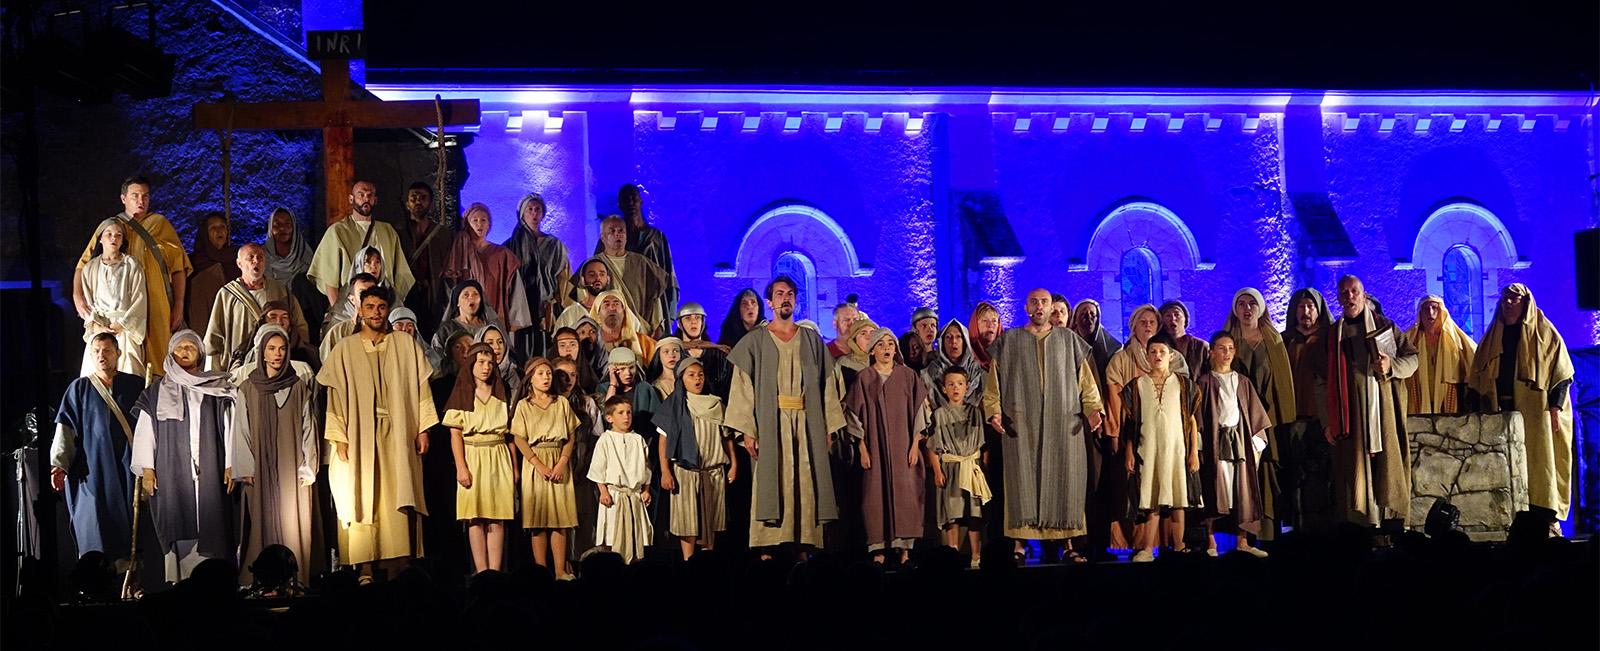 Jésus de Nazareth 2000 ans d'amour – Le spectacle musical, du 21 au 23 juin 2019 à Treize-Septiers (85)